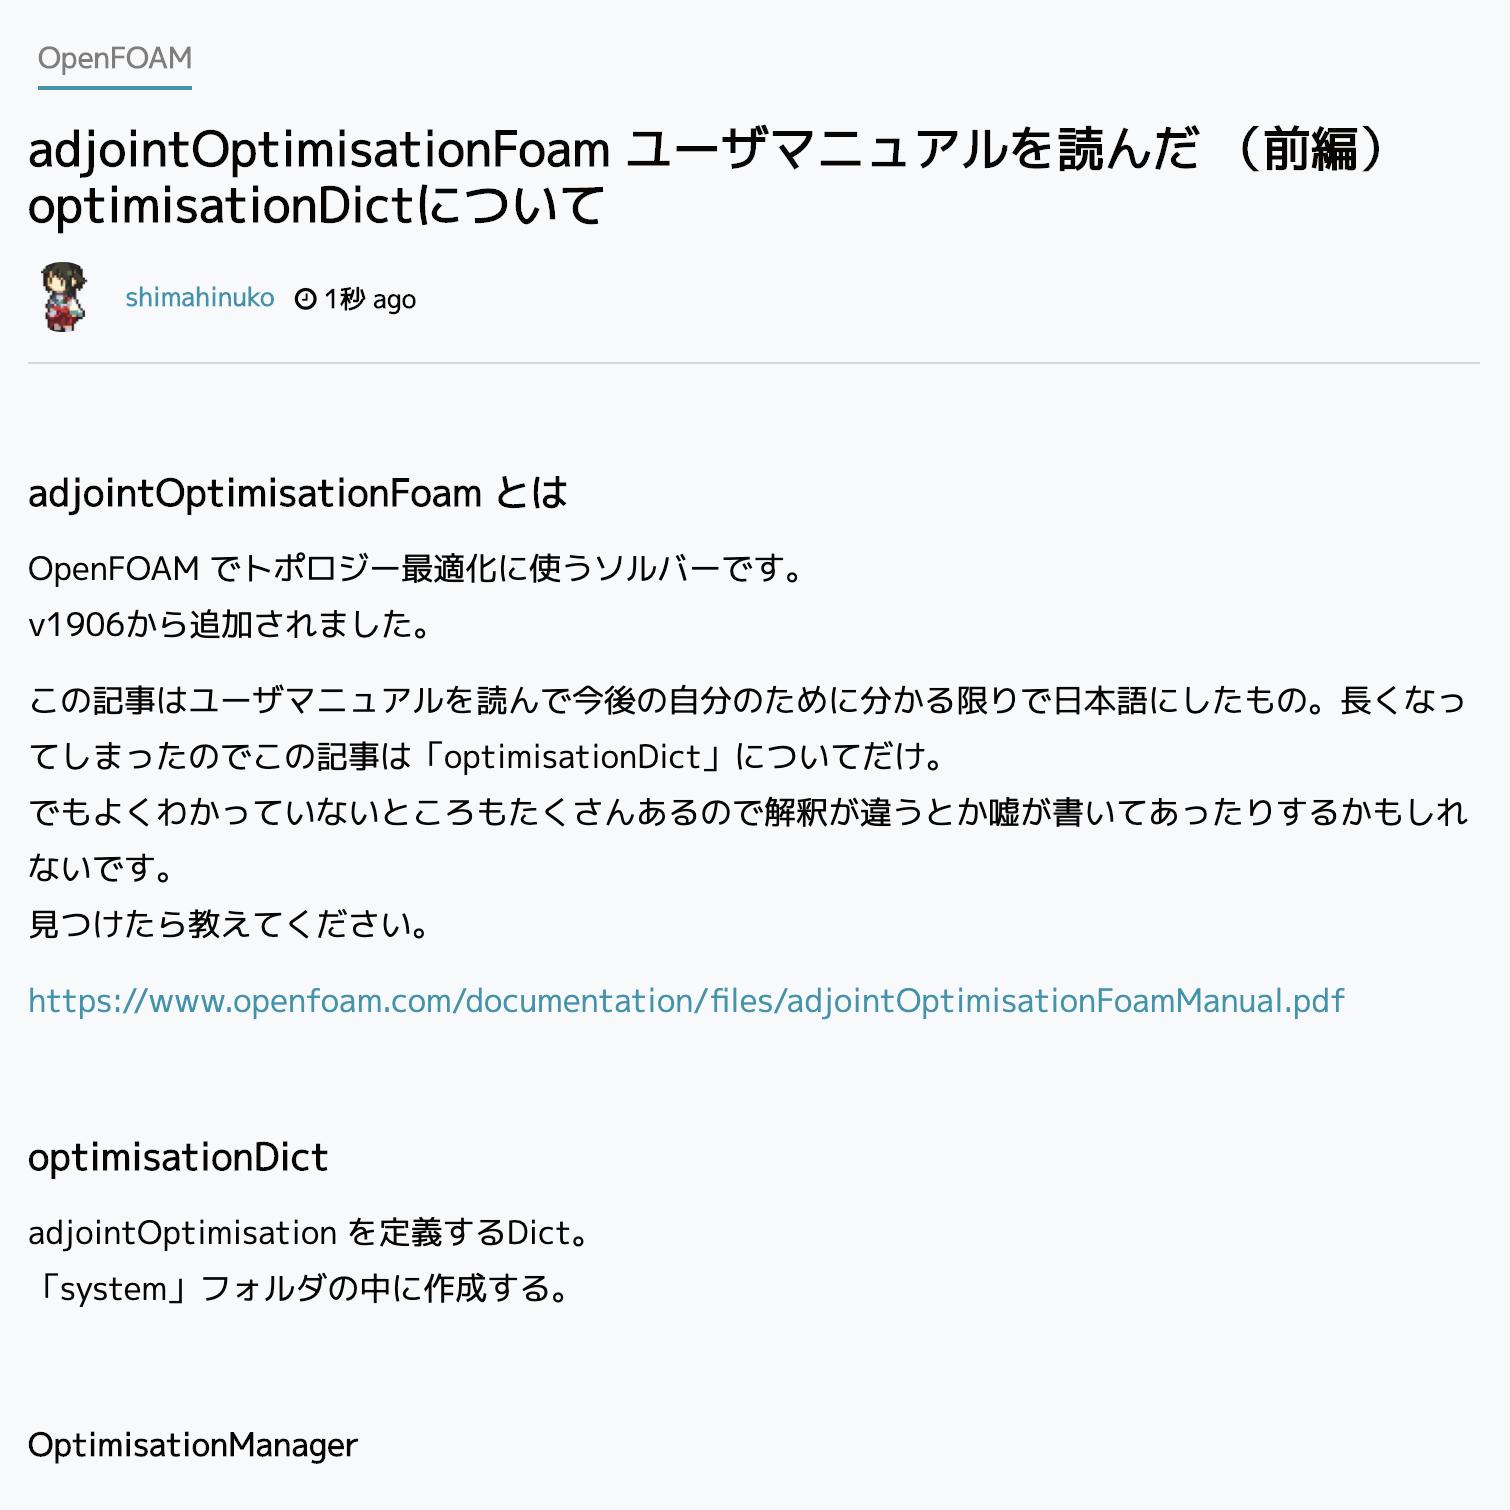 adjointOptimisationFoam-optimisationDict_material